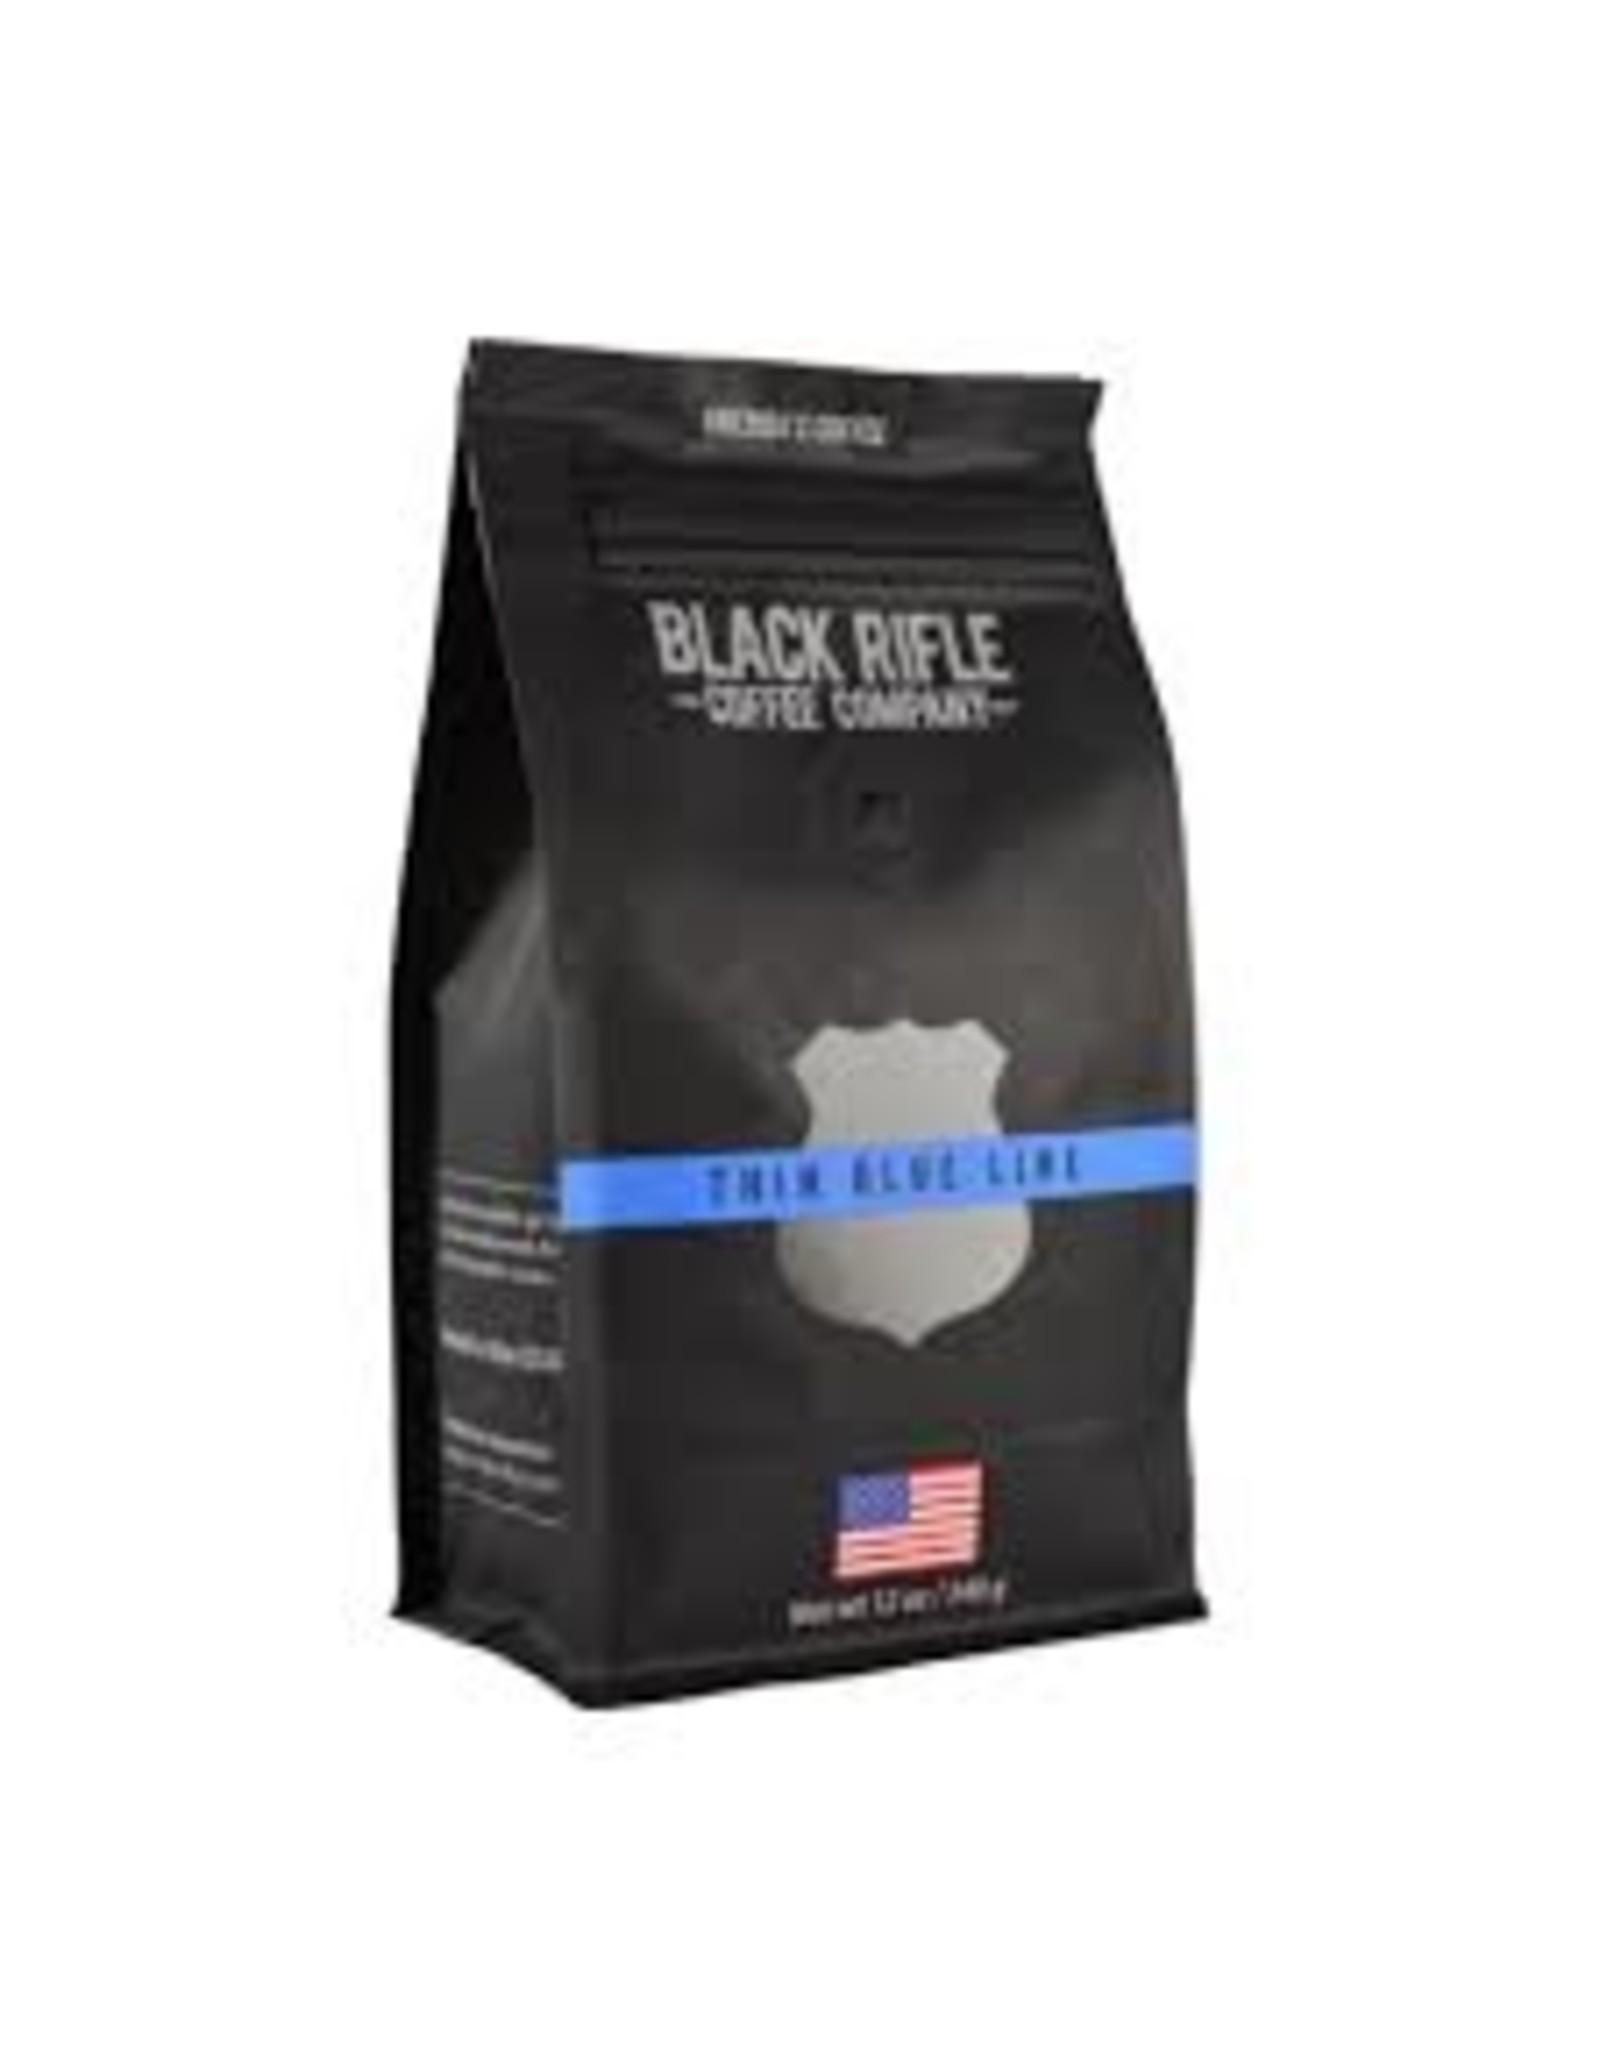 BRCC - Thin Blue Line - Whole Bean 12oz